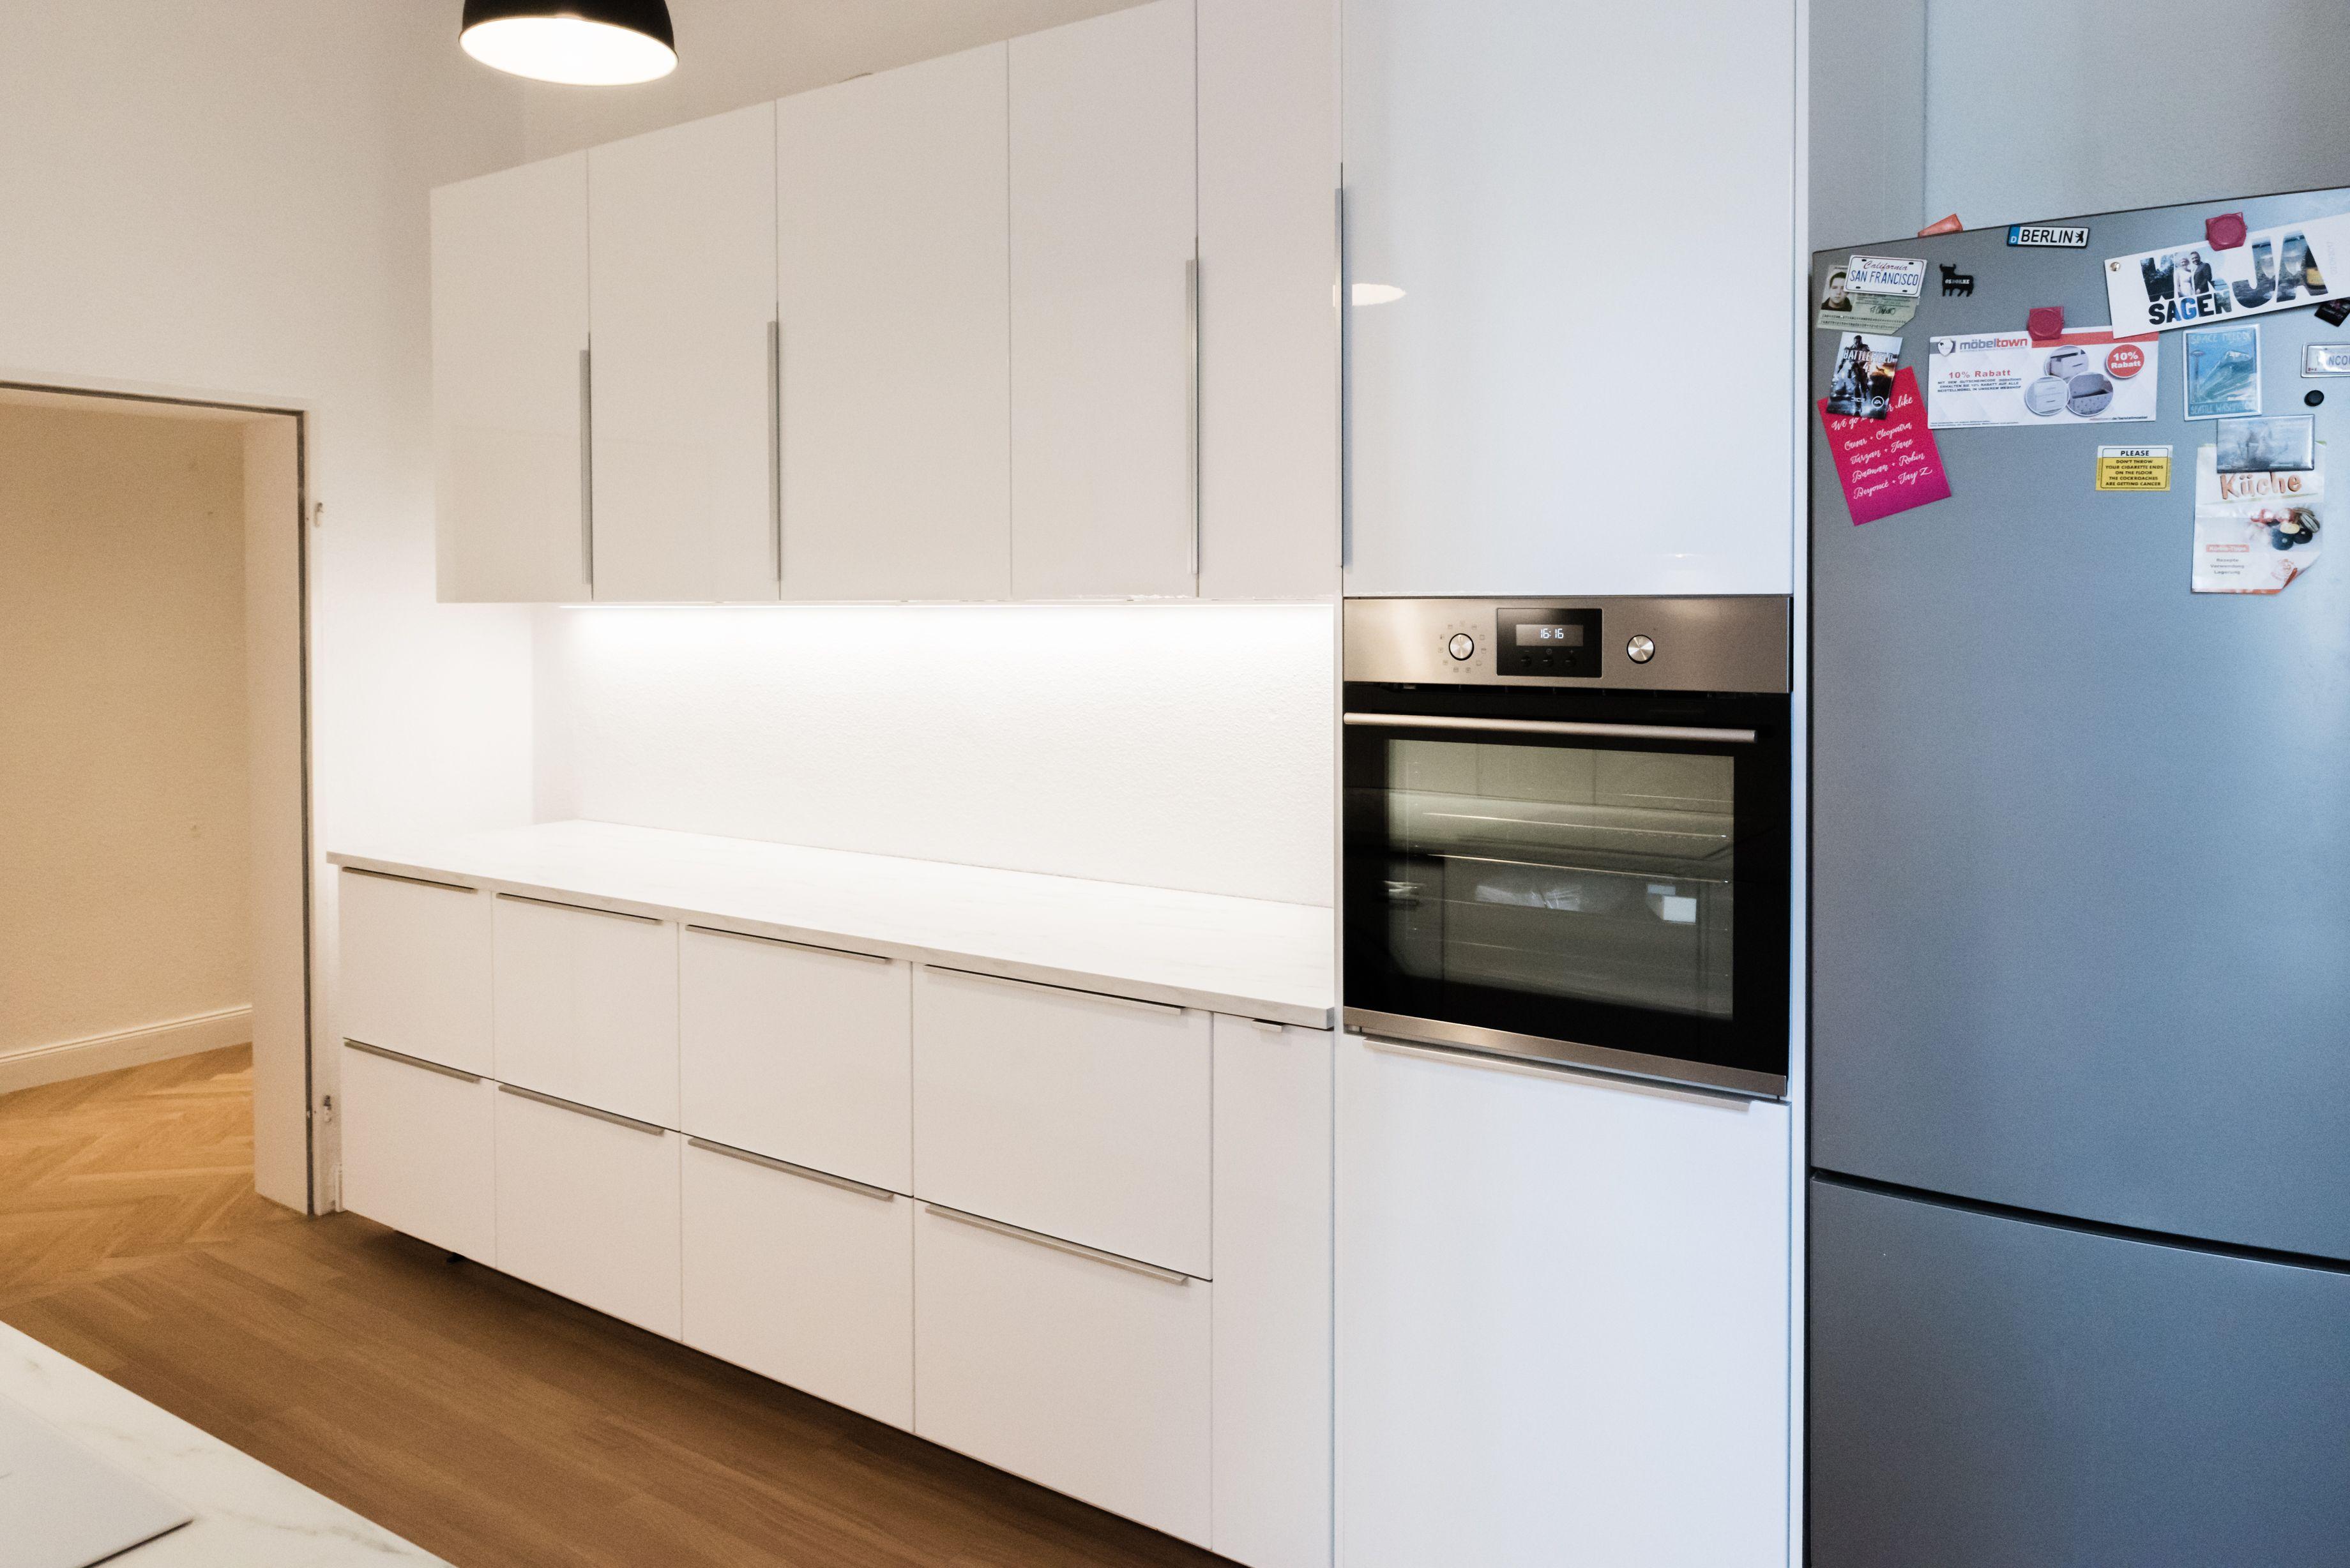 Ikea Metod Ringhult Kuche Mit Ekbacken Marmor Optik Arbeitsplatte Ikea Kuche Kuche Kaufen Kuchenschrank Ikea